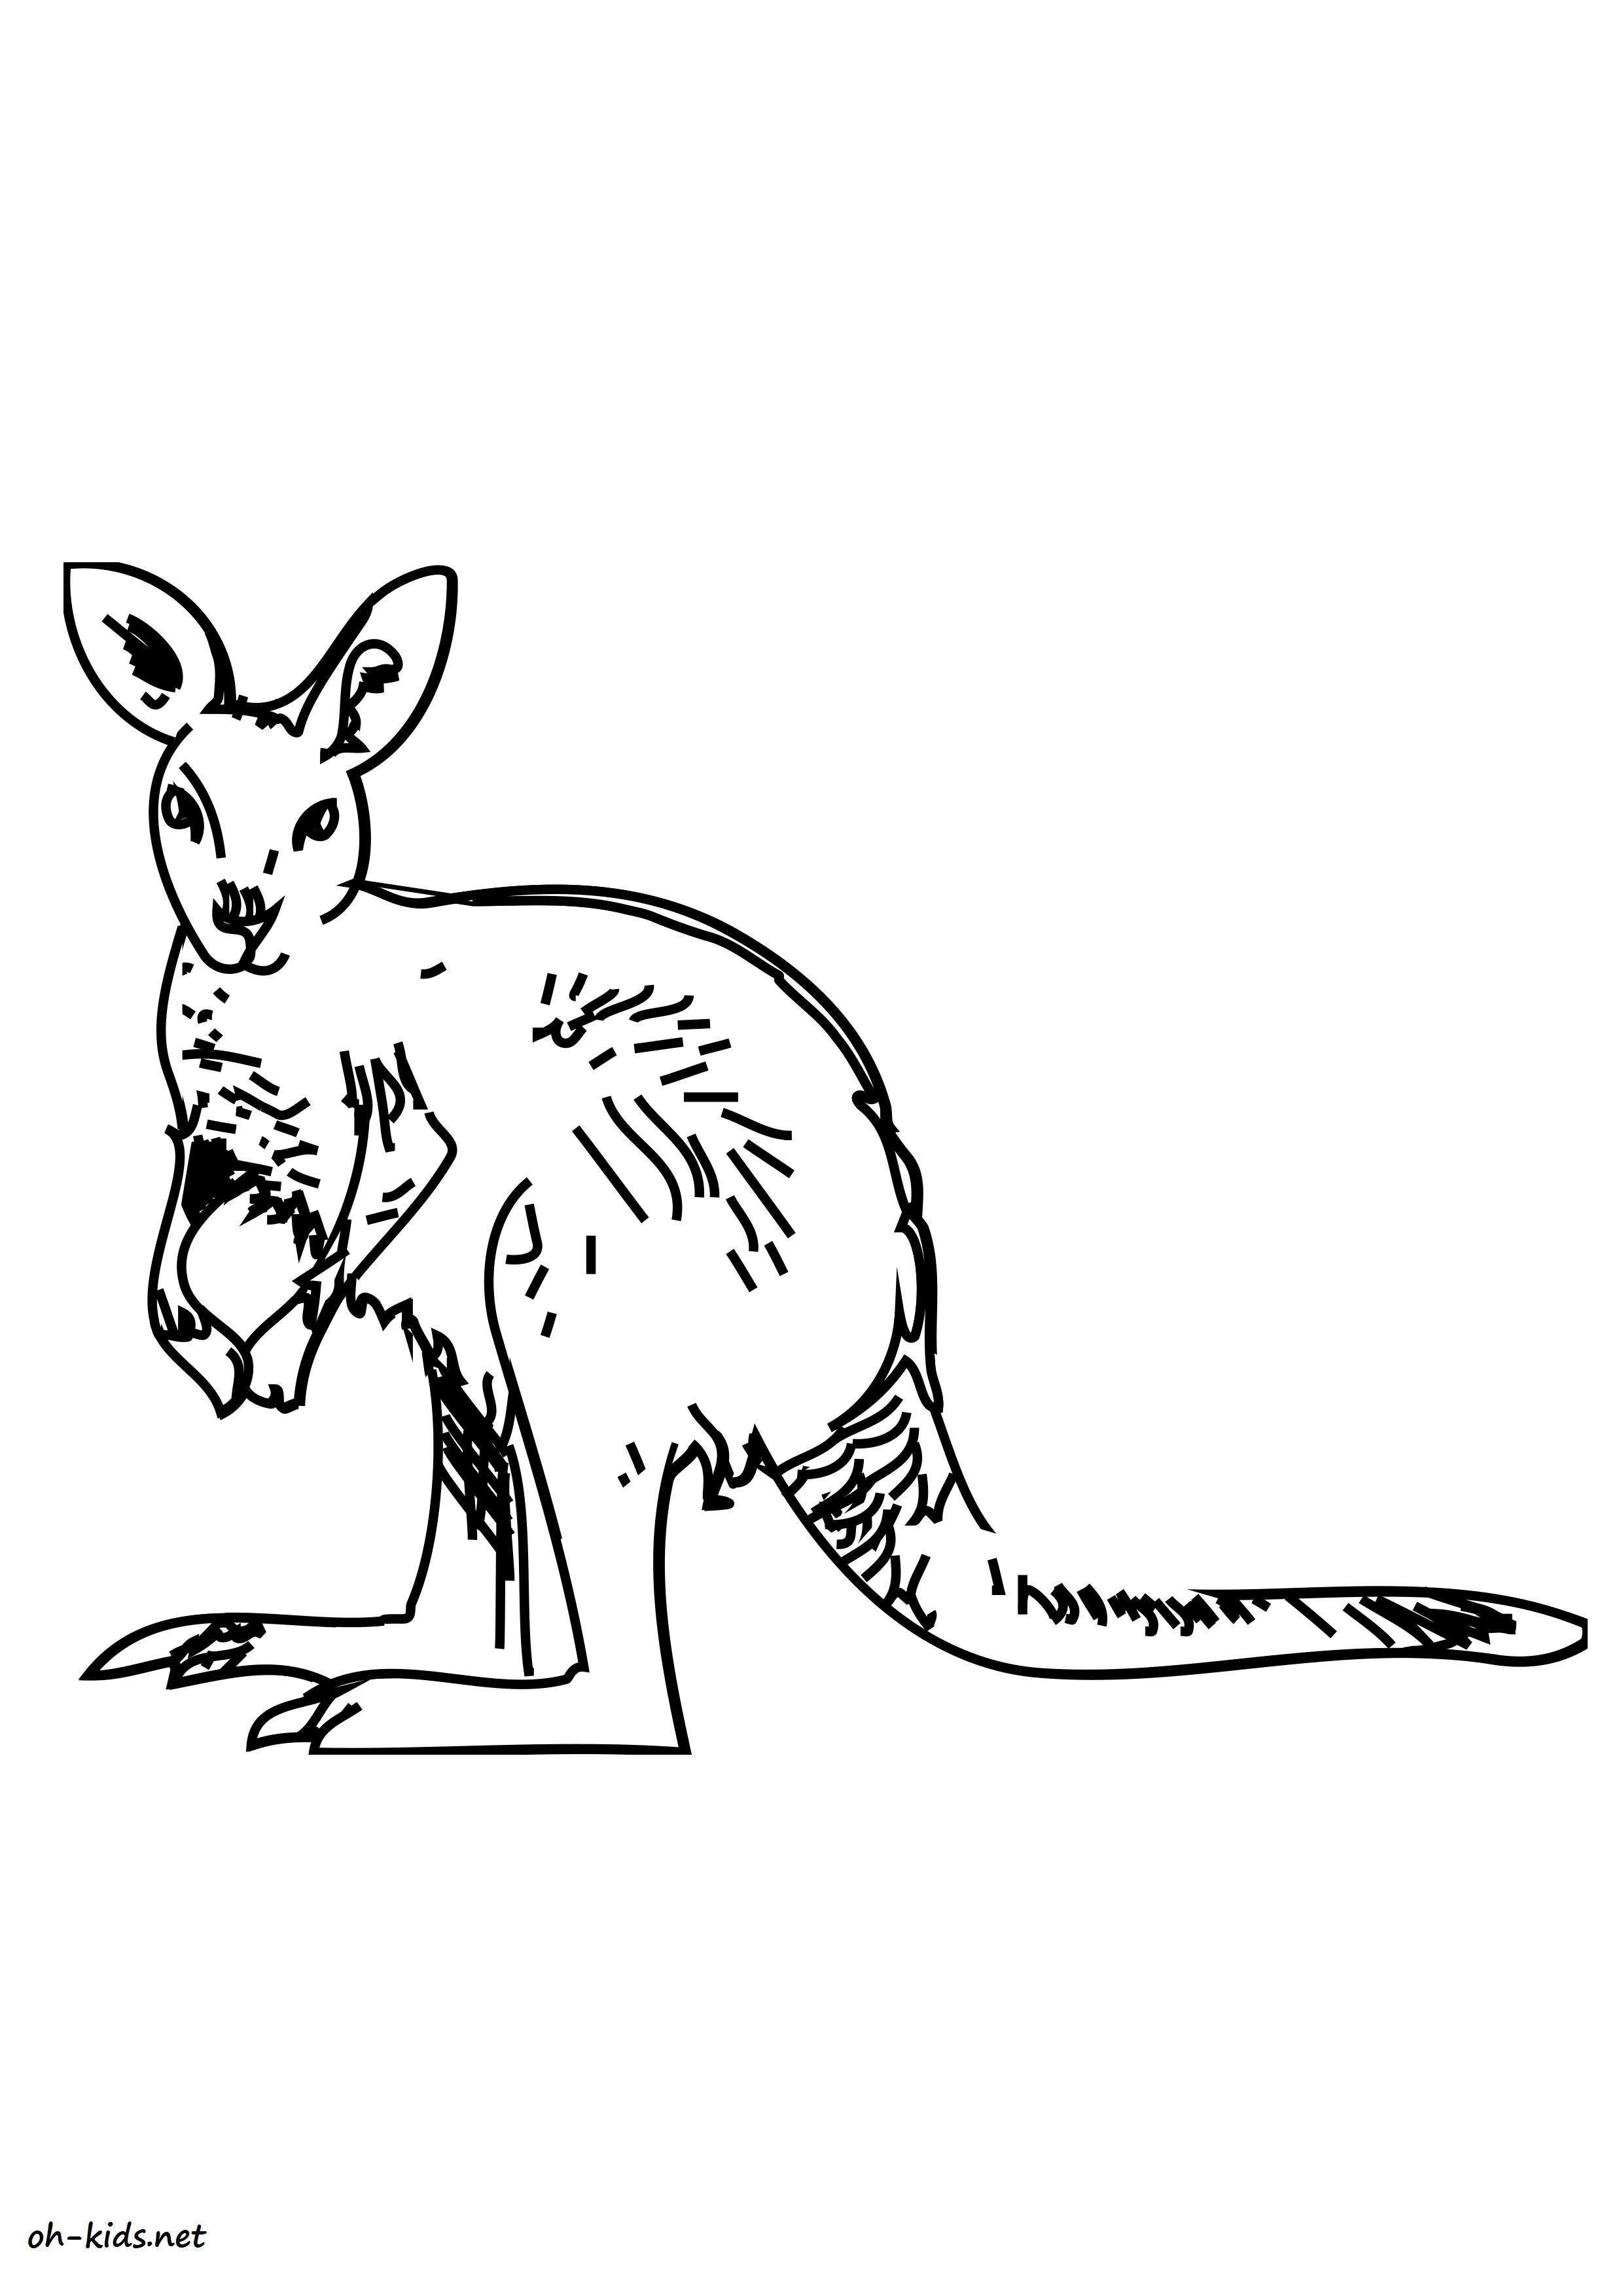 Dessin kangourou à colorier et imprimer - Dessin #1630